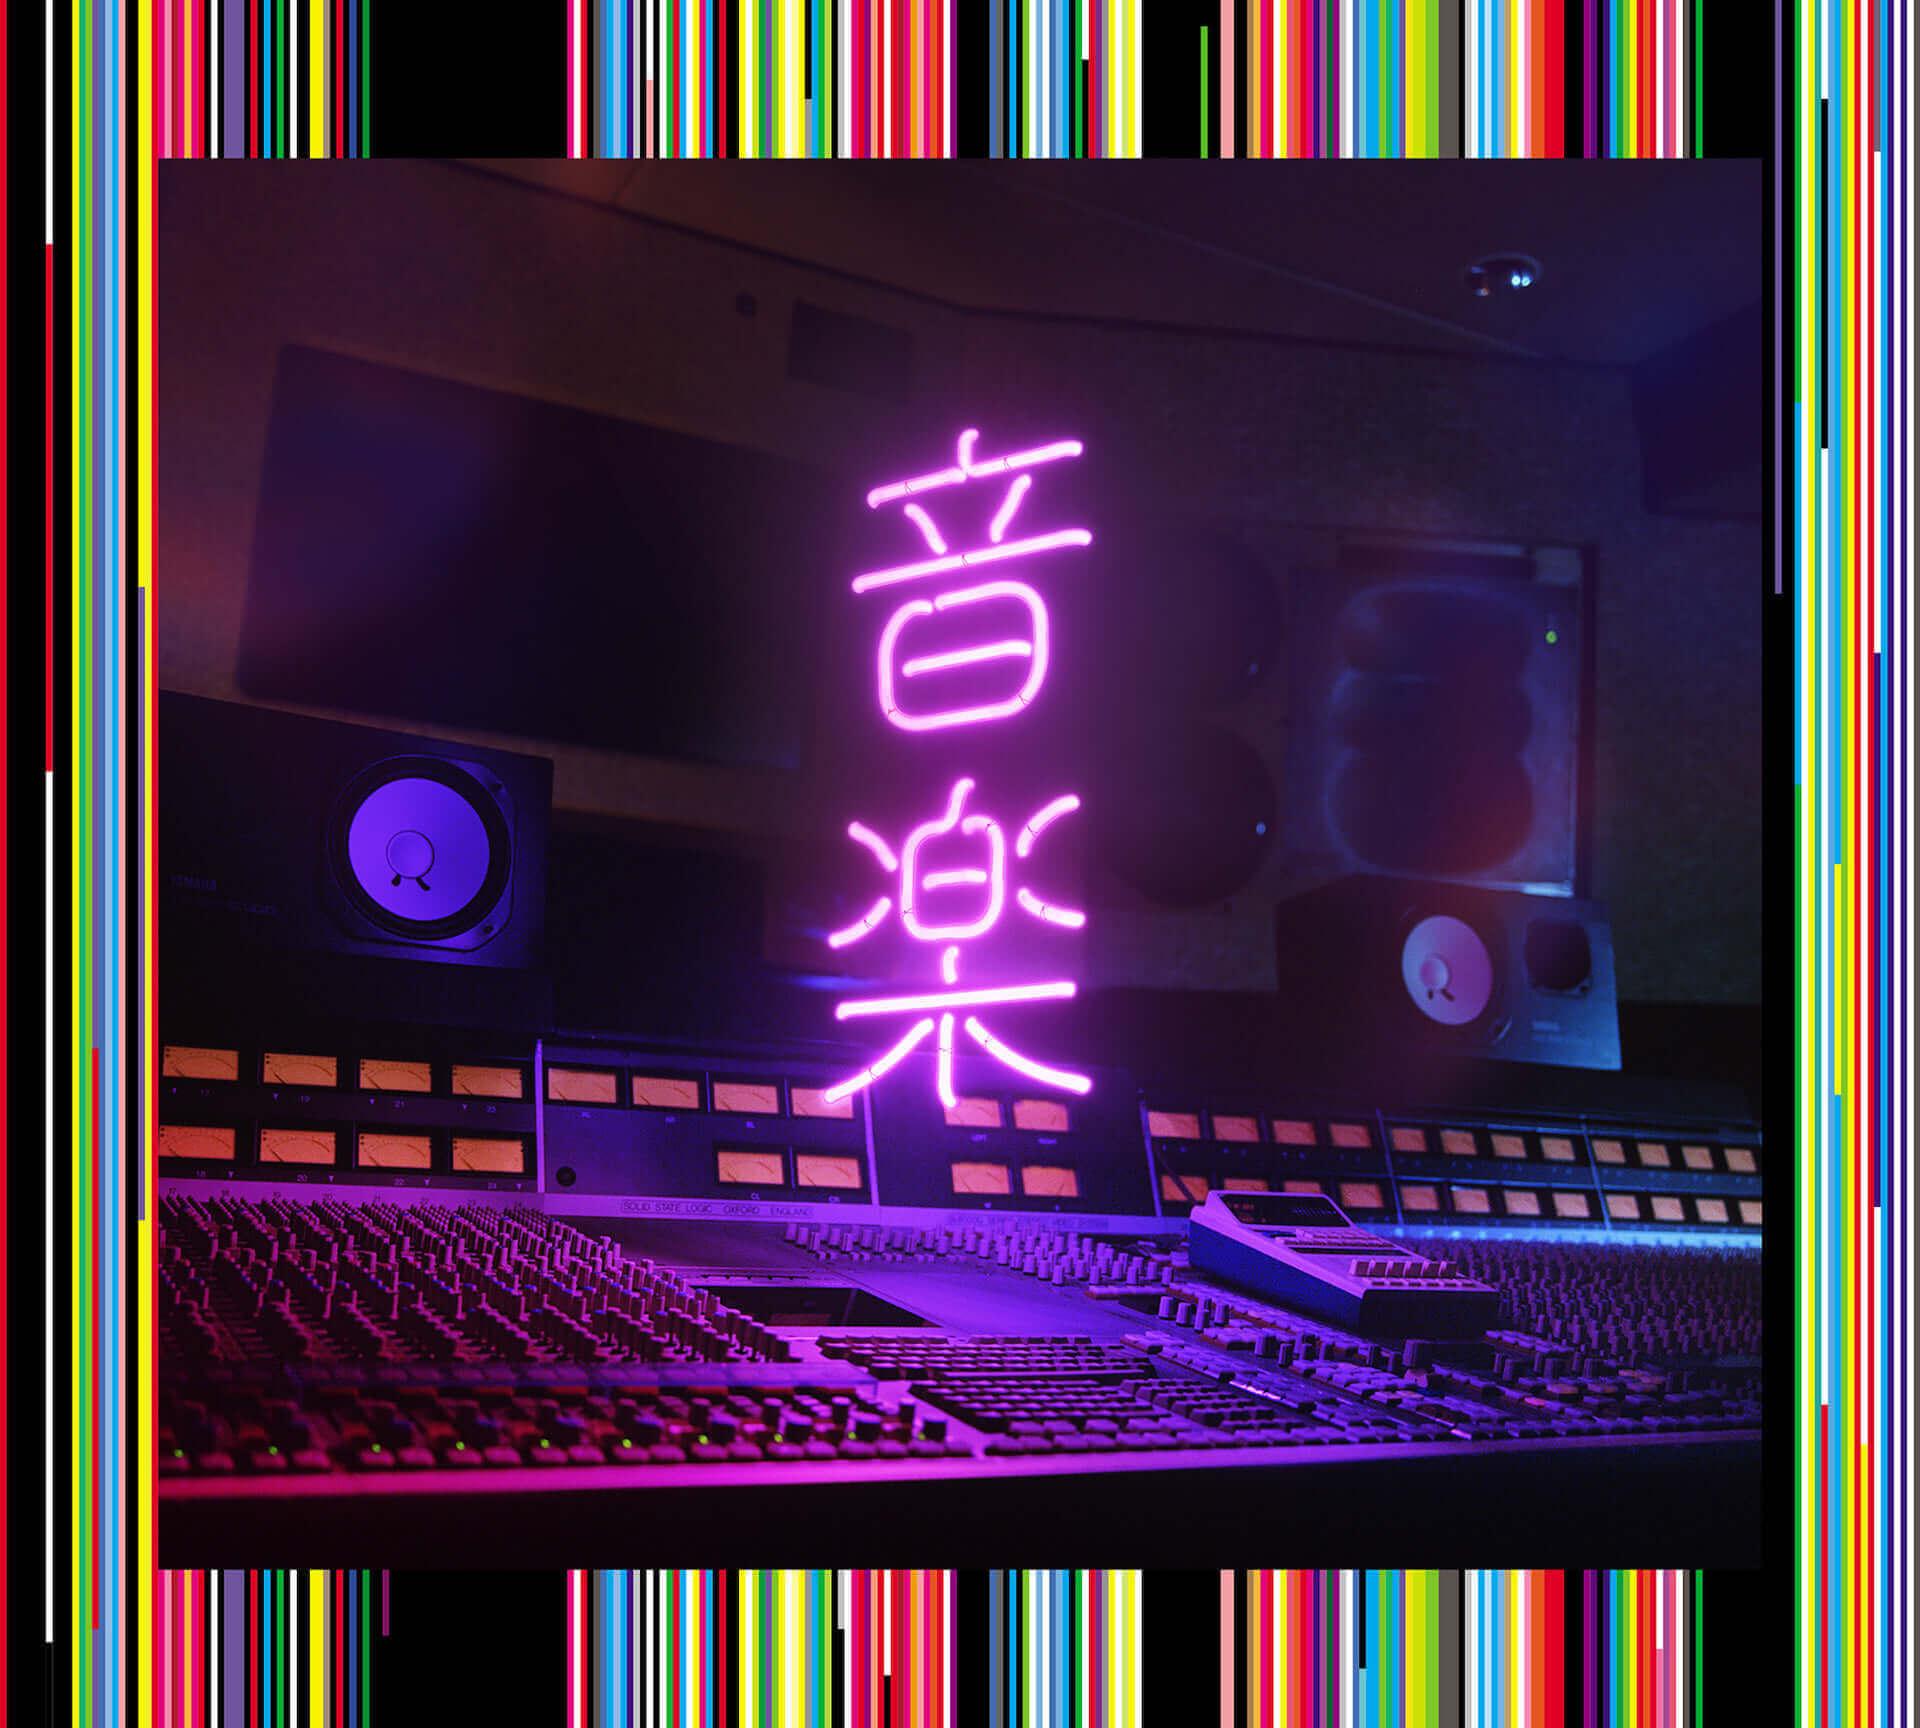 """東京事変の新曲""""緑酒""""のミュージックビデオが解禁!児玉裕一が監督「堂々としててかっこいいです」 music210512_tokyoincident_mv_12"""